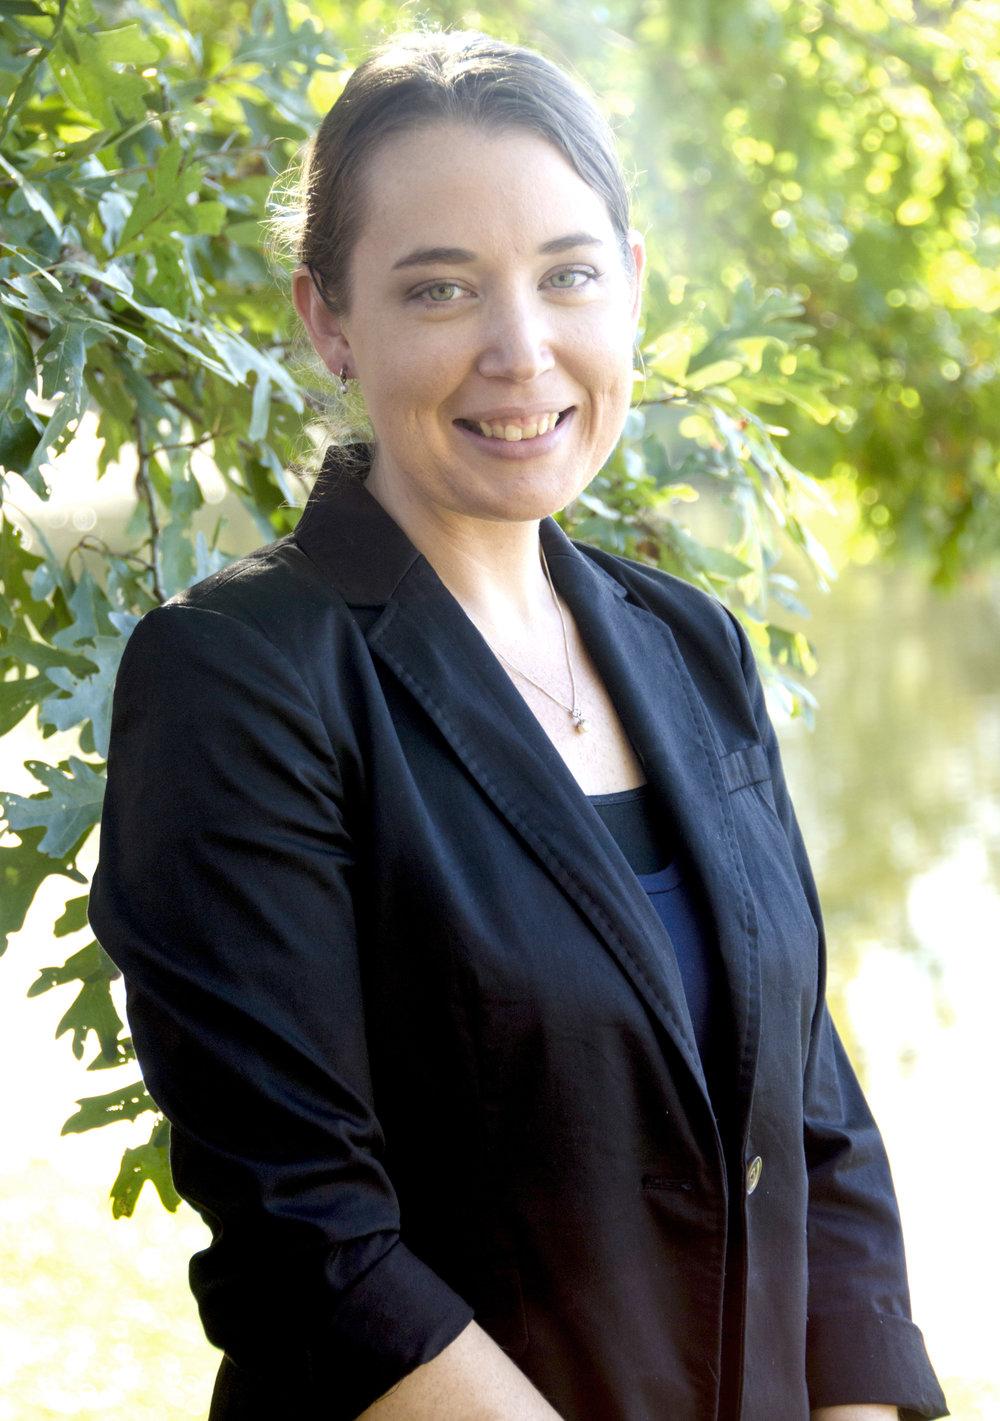 Allison Posey